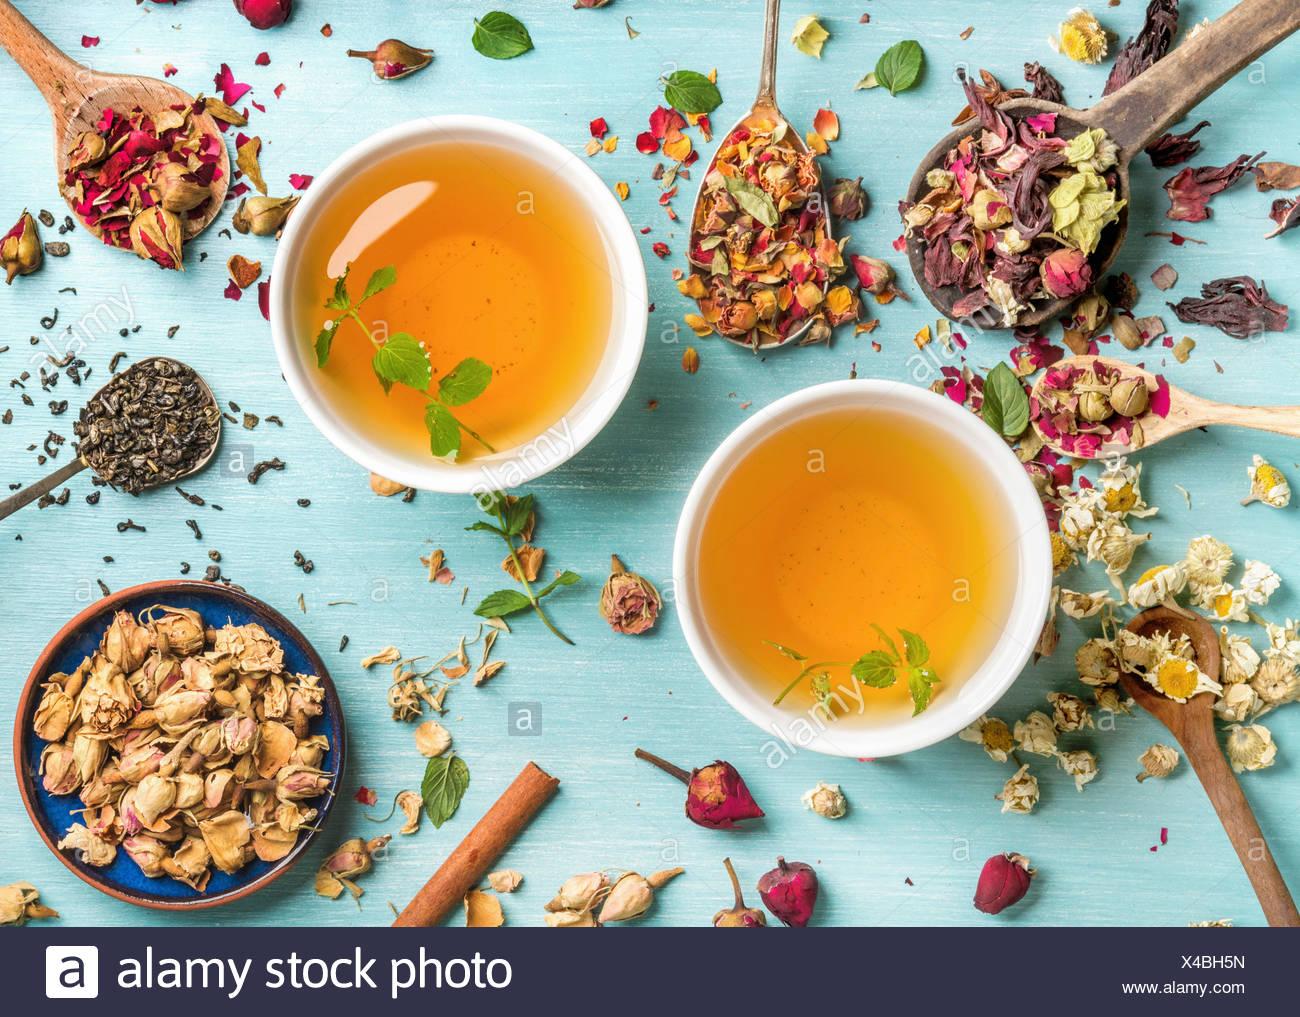 Due tazze di sano tè alle erbe con la menta, cannella, essiccato rose e fiori di camomilla in cucchiai su sfondo blu, vista dall'alto Immagini Stock